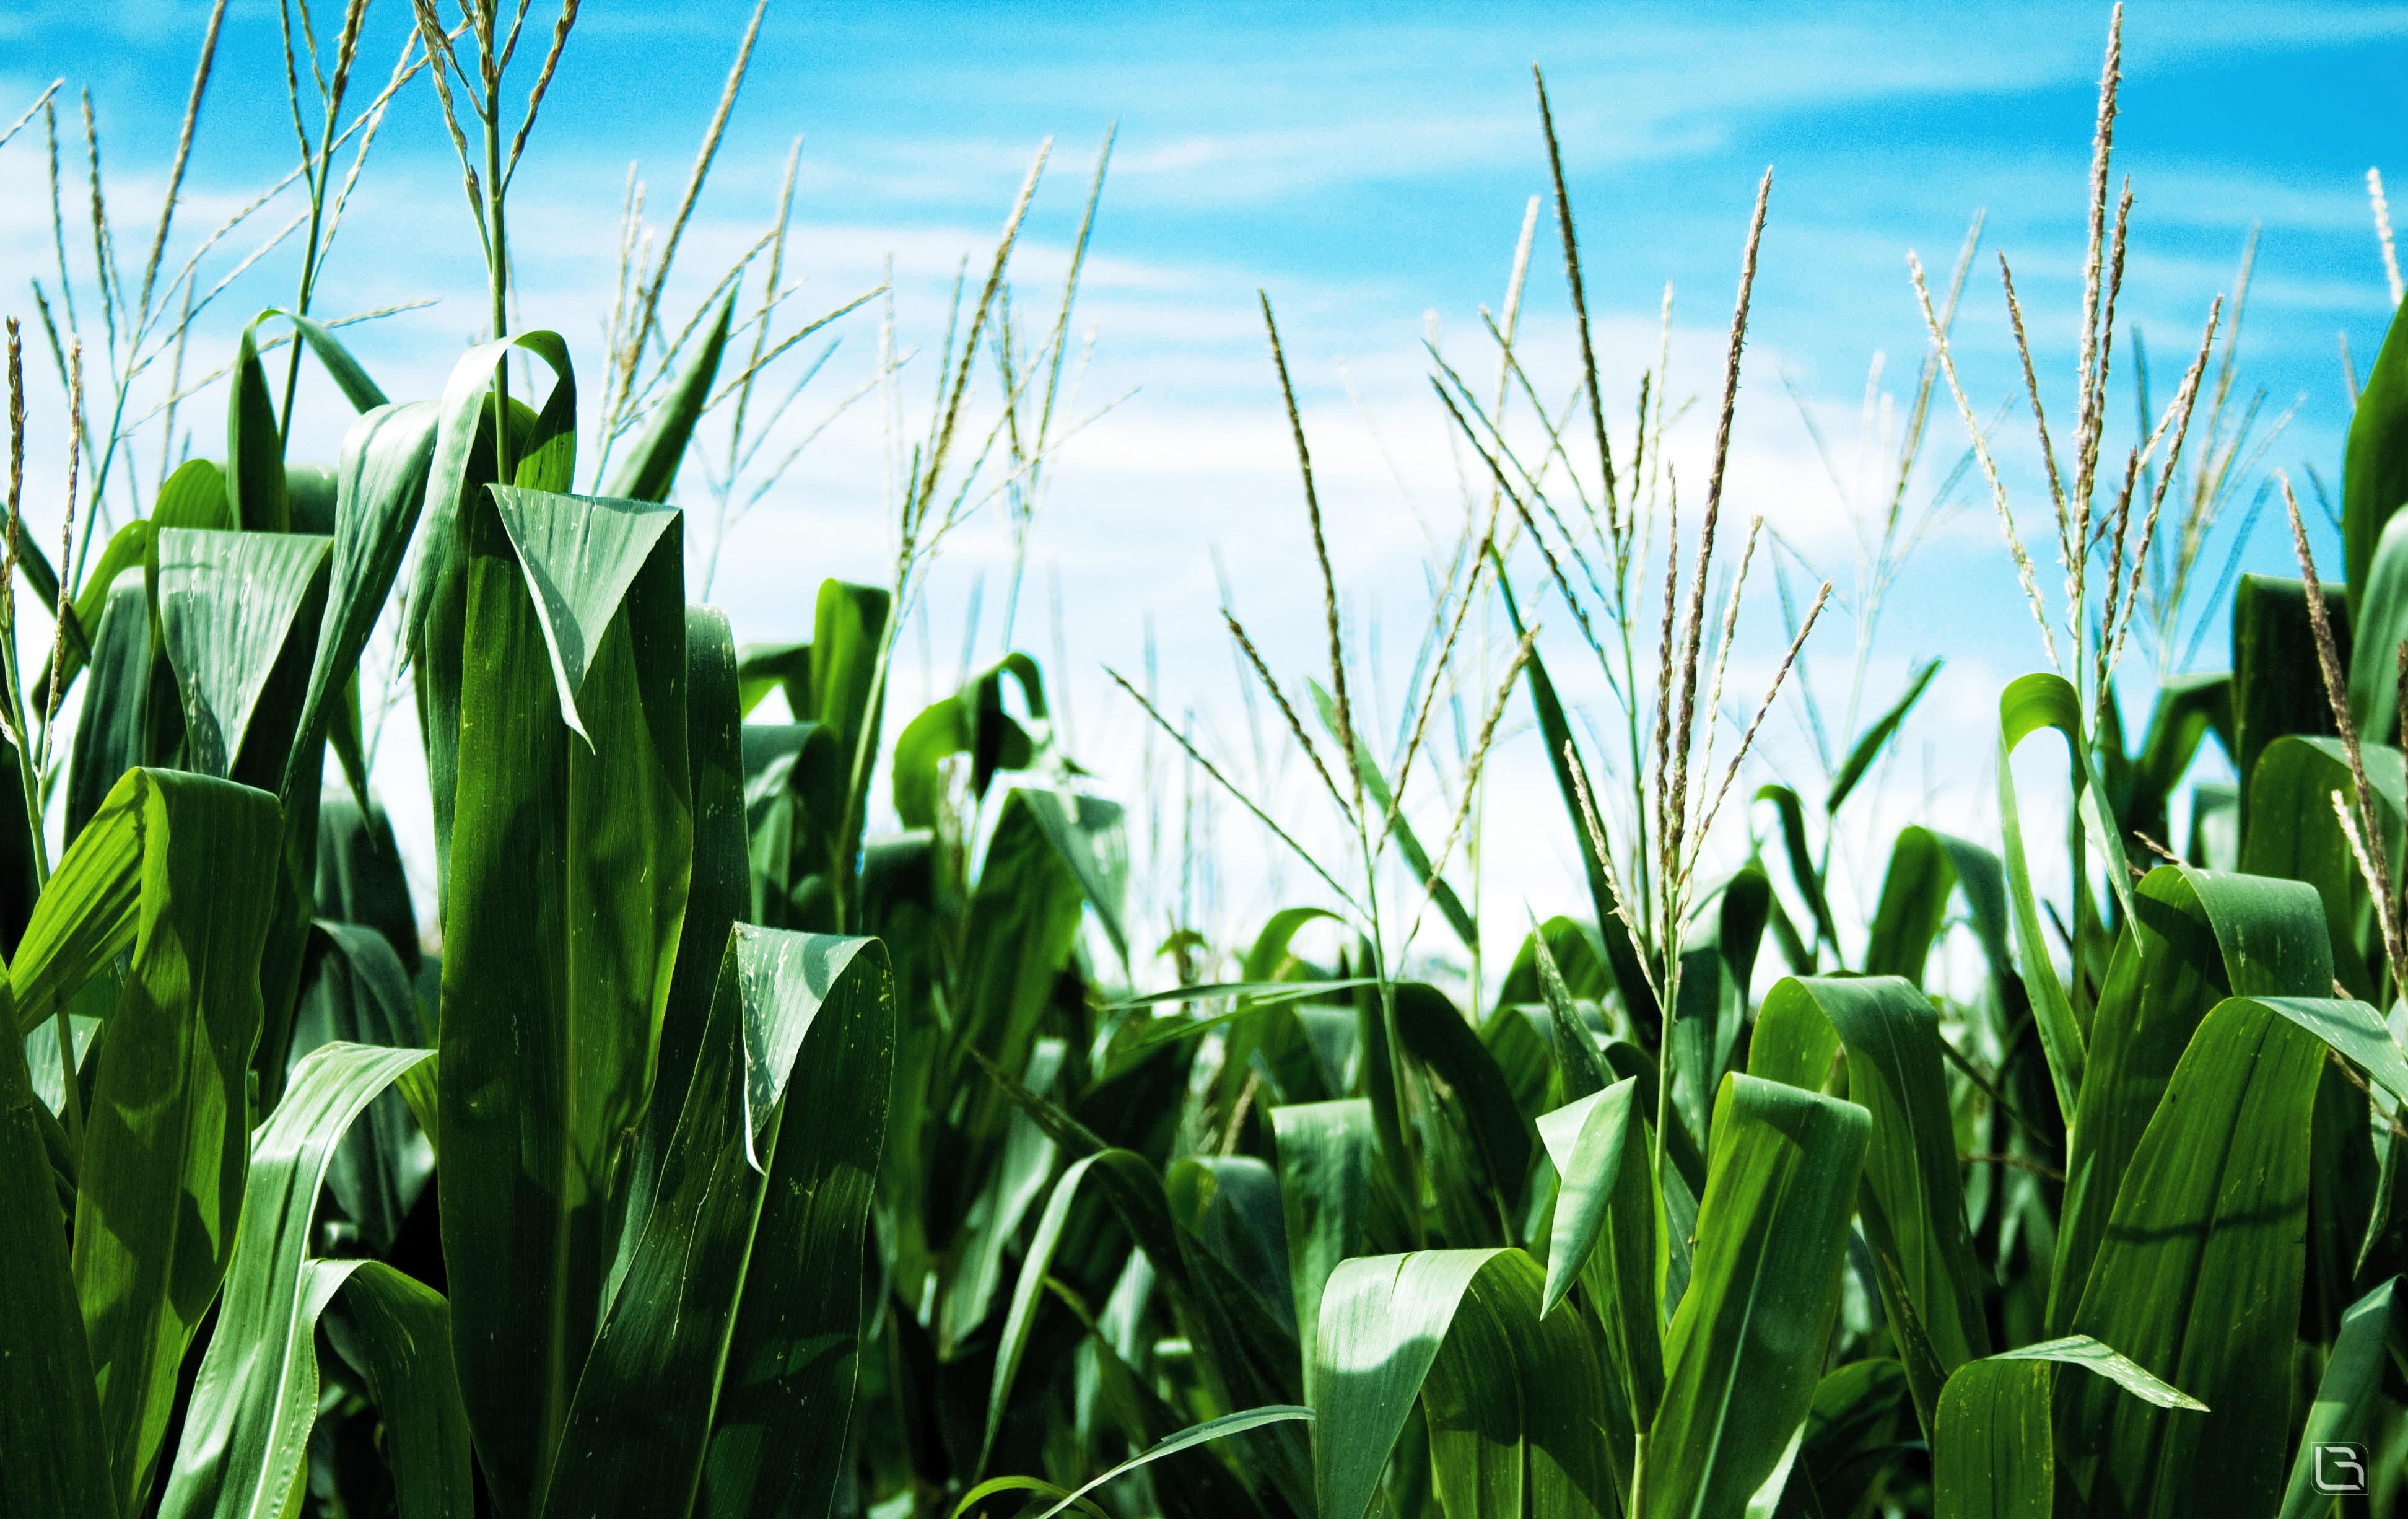 corn field wallpaper by cavalars on DeviantArt